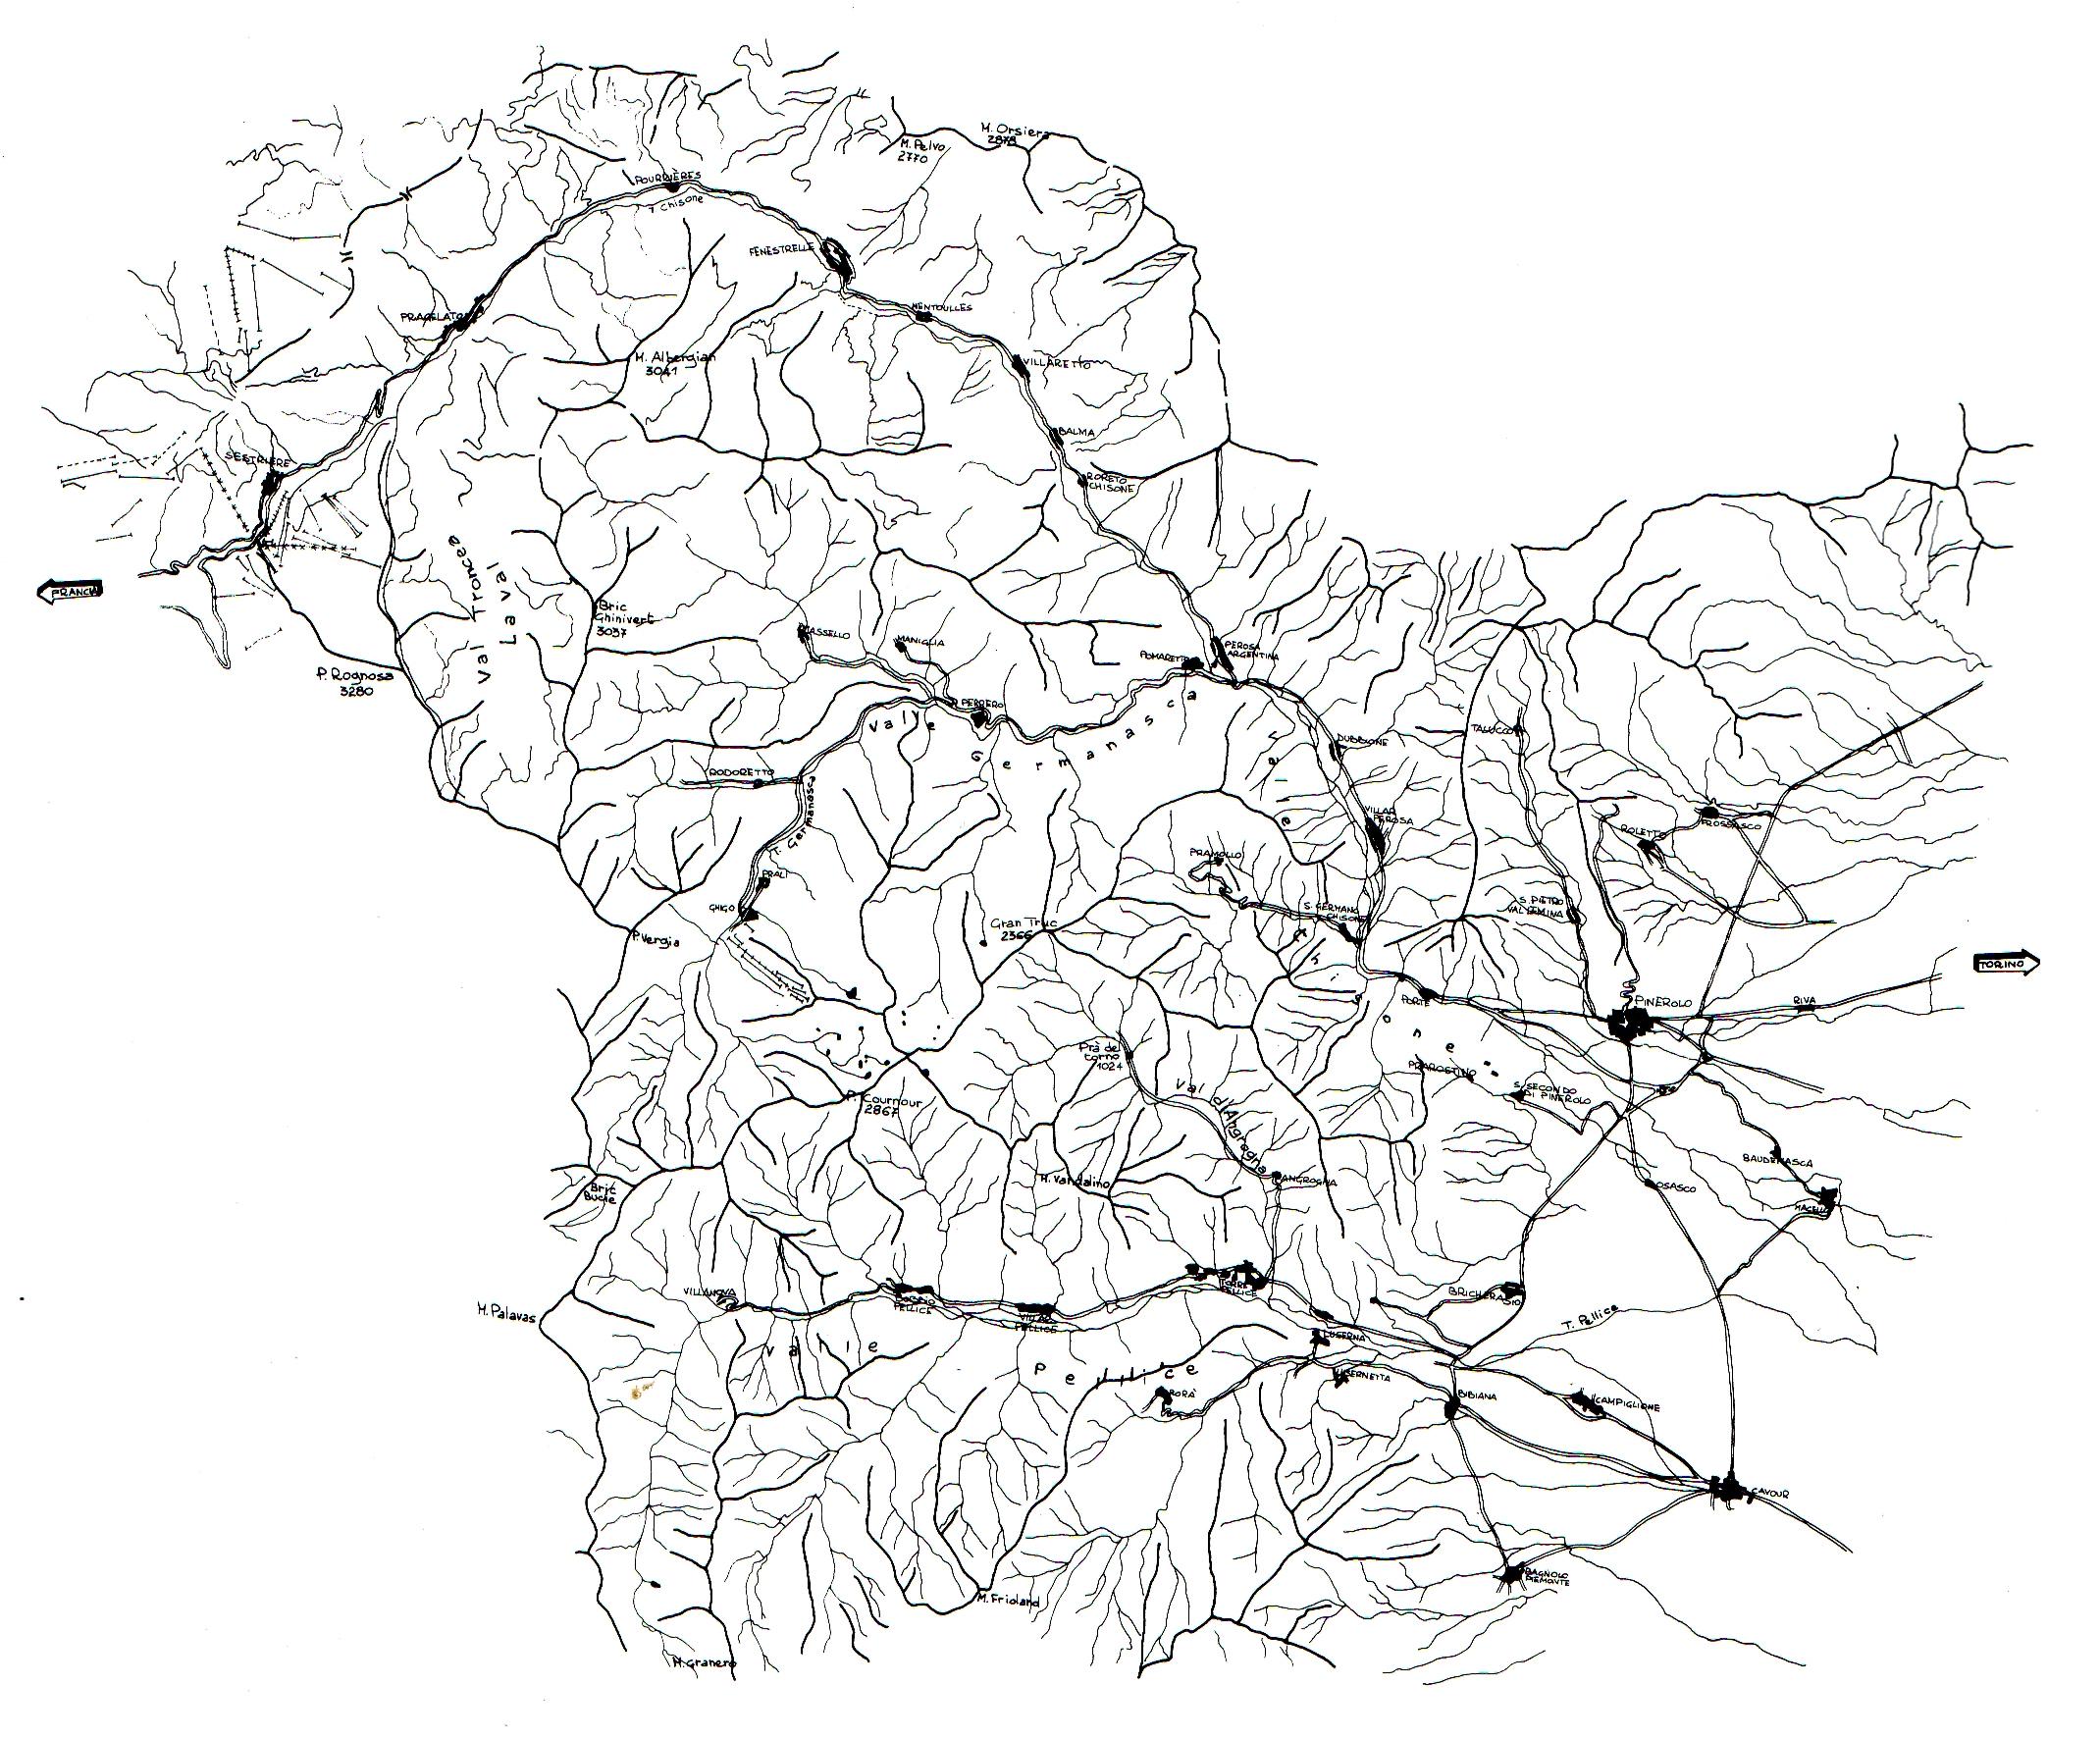 Carta delle valli (tratta da AA. VV., Civiltà alpina e presenza protestante nelle Valli del Pinerolese, Priuli&Verlucca, Ivrea 1991).